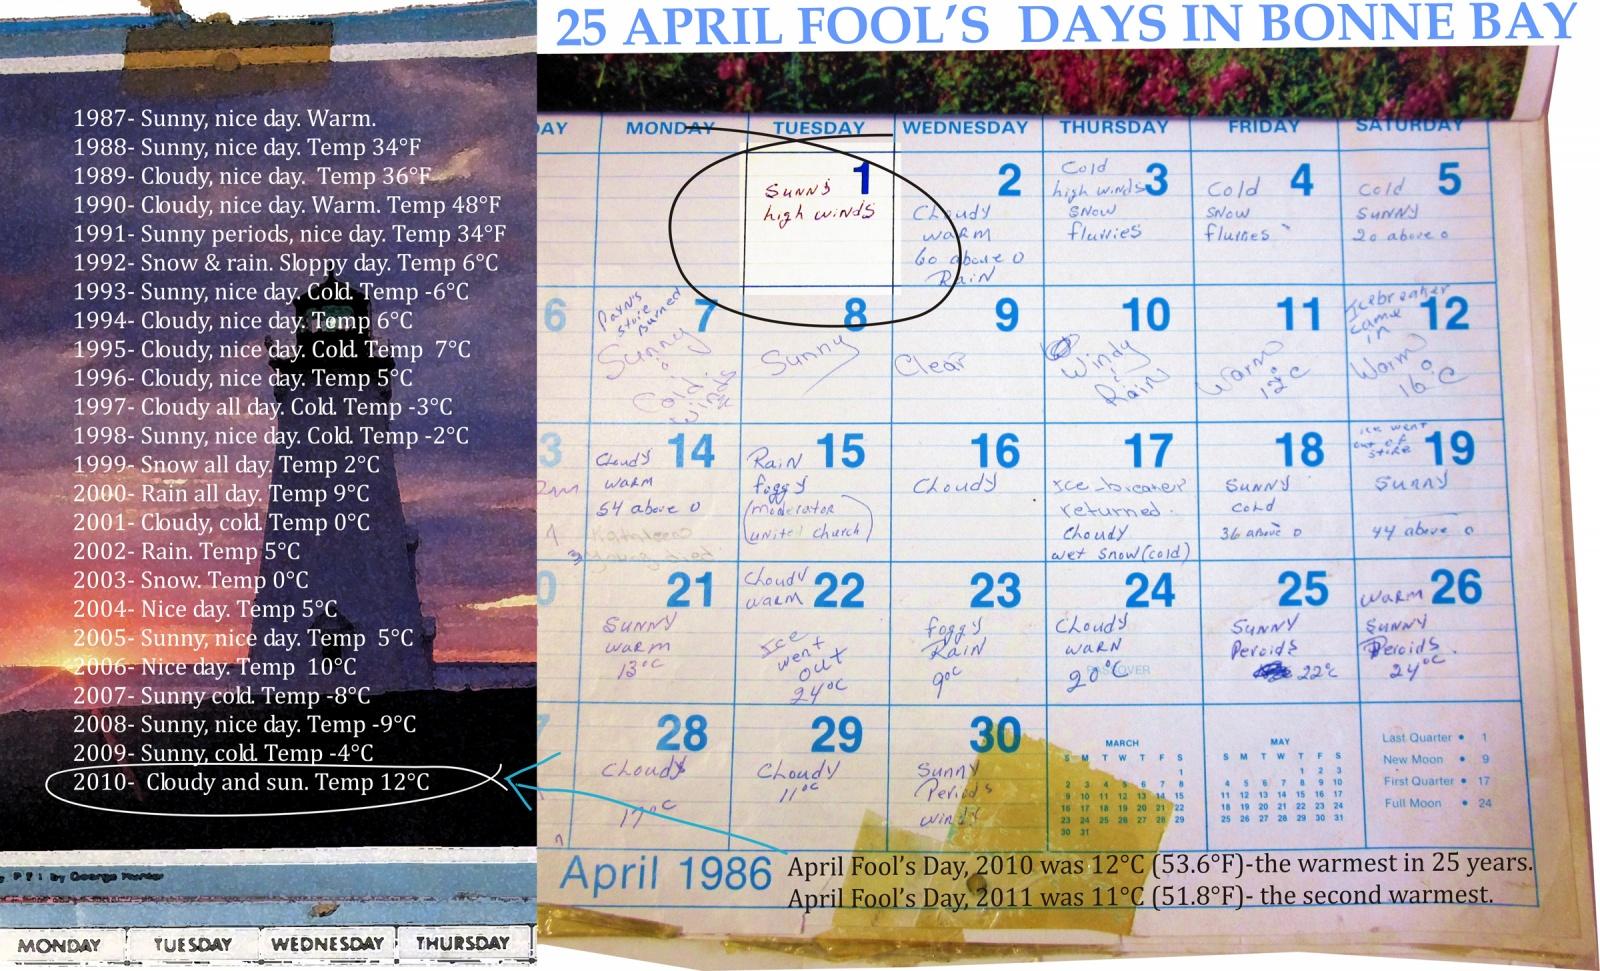 25 April Fool's Days in Bonne Bay